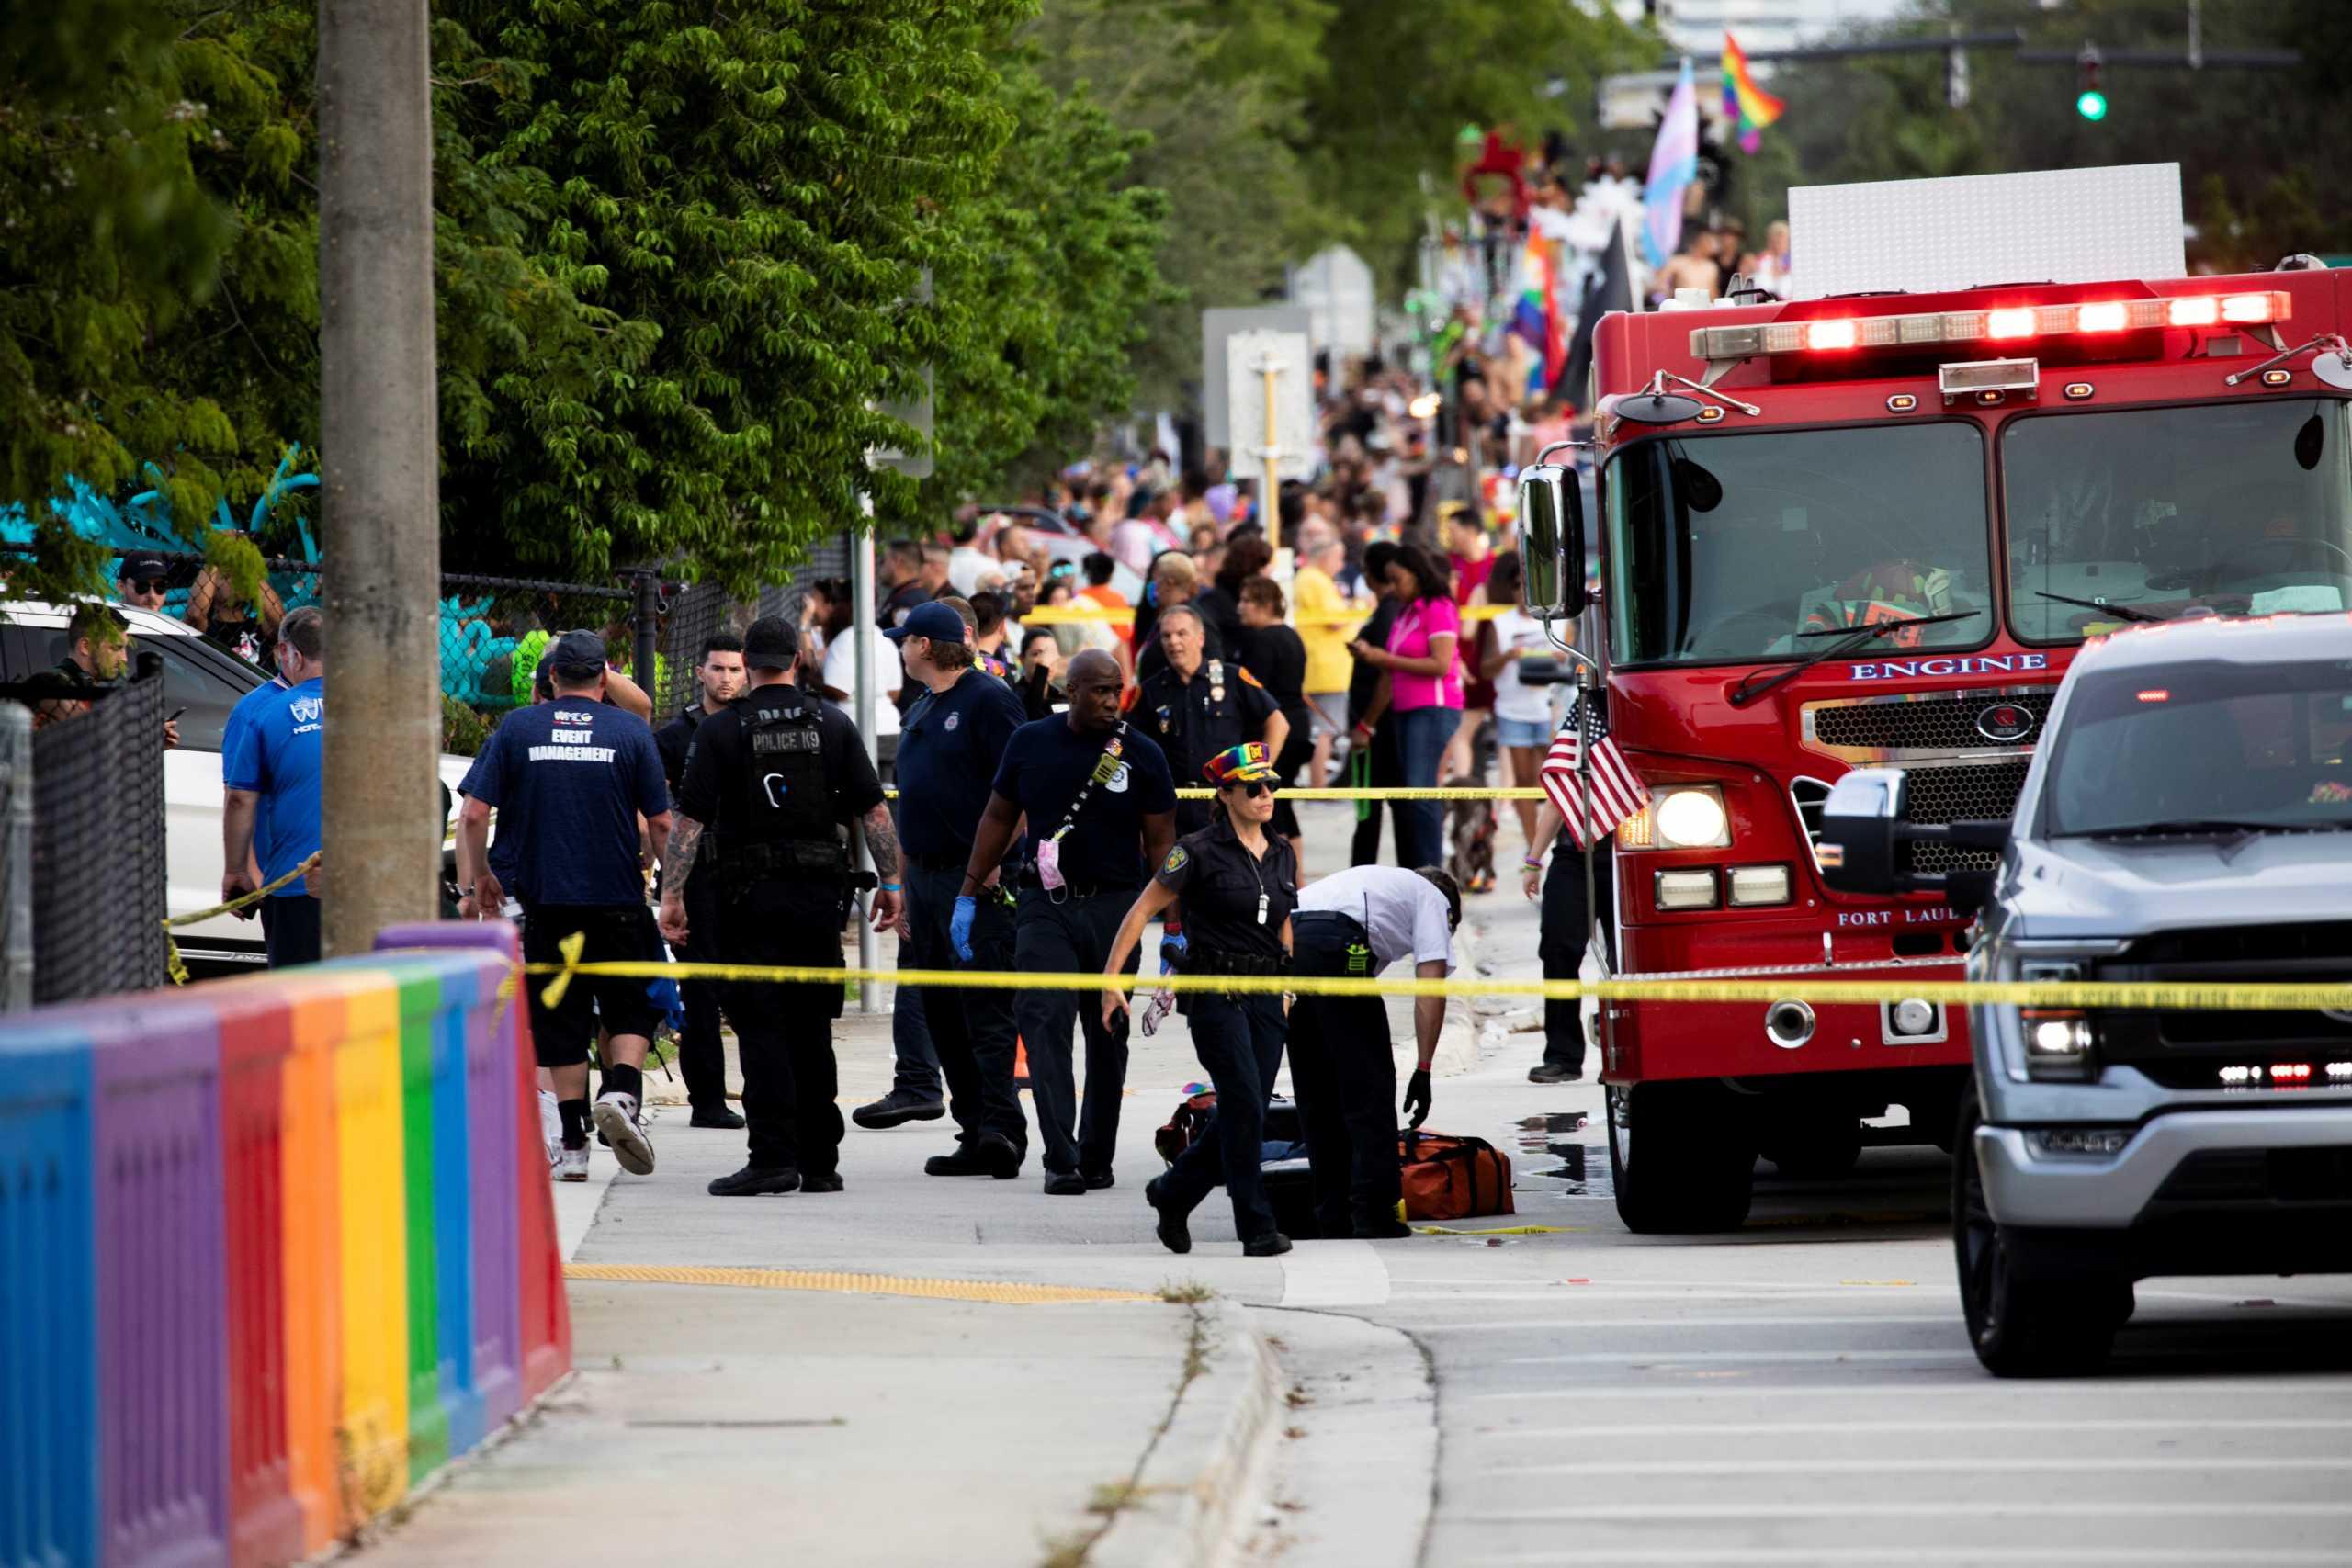 ΗΠΑ: Φορτηγό παρέσυρε και σκότωσε άνδρα σε Gay Pride στη Φλόριντα (pics, vids)